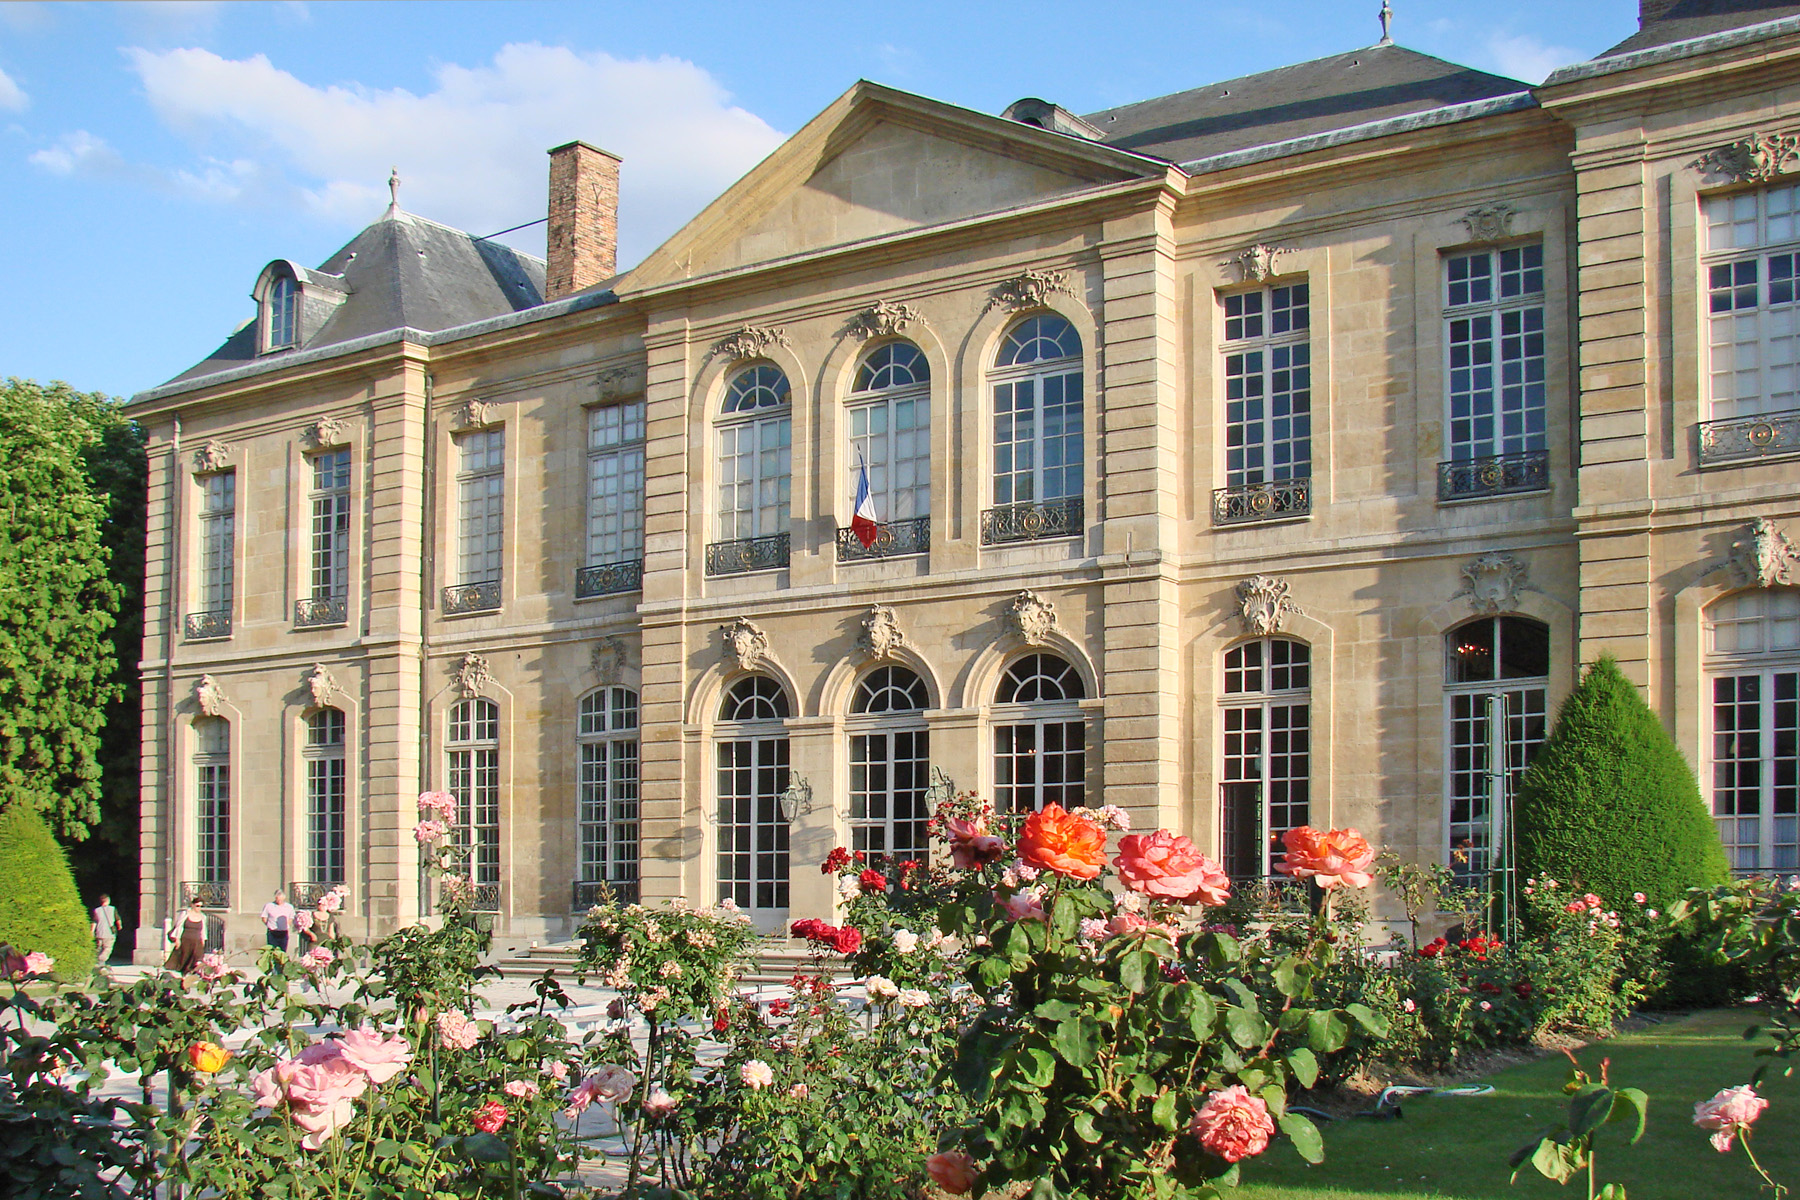 Musée Rodin - Wikipedia